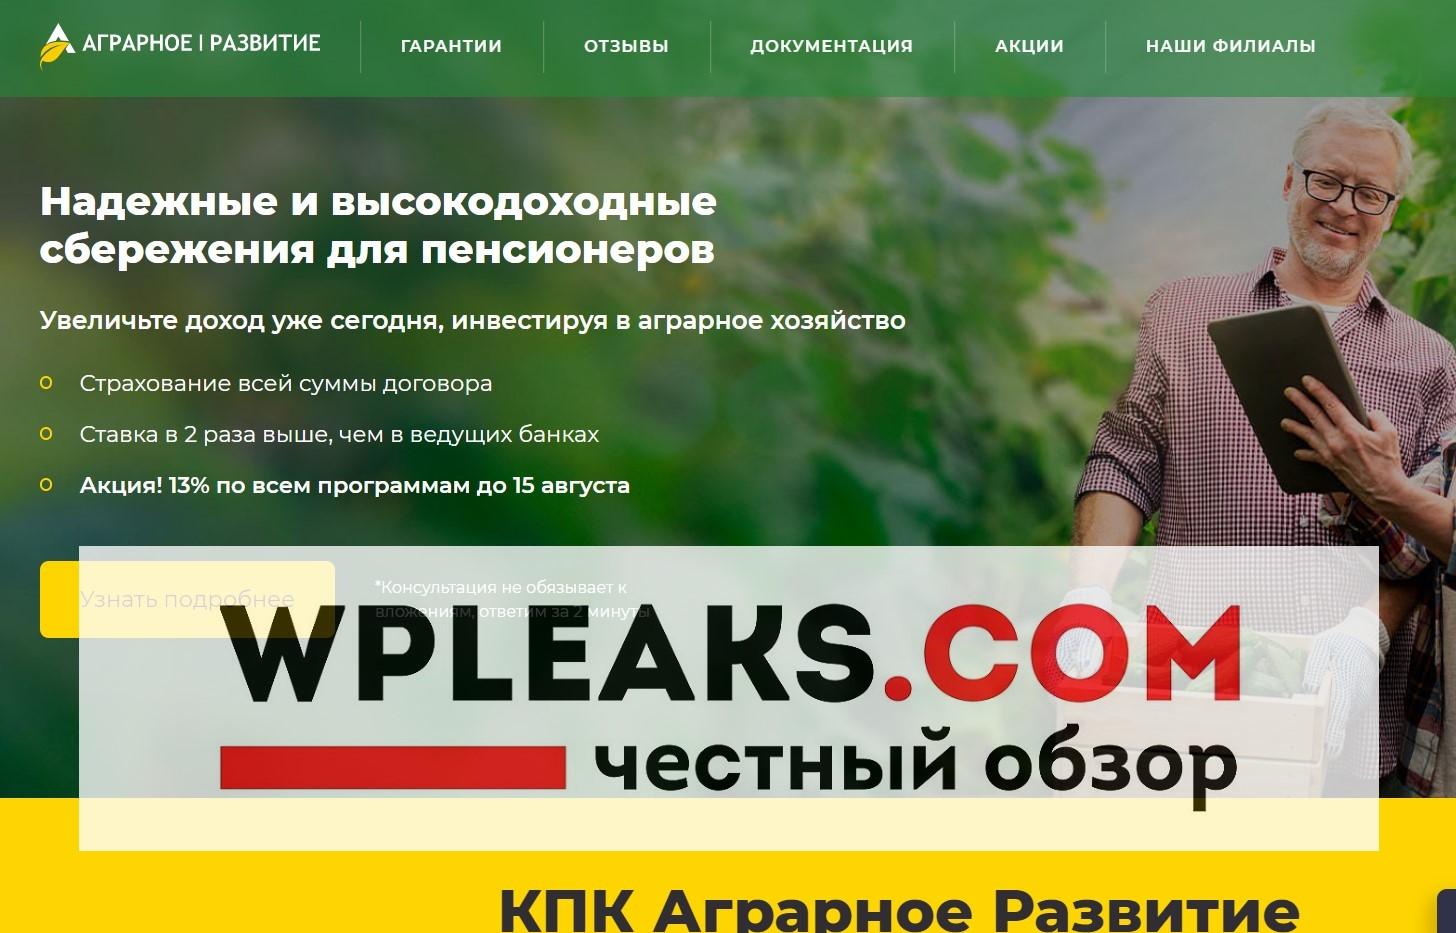 kpkar.ru отзывы